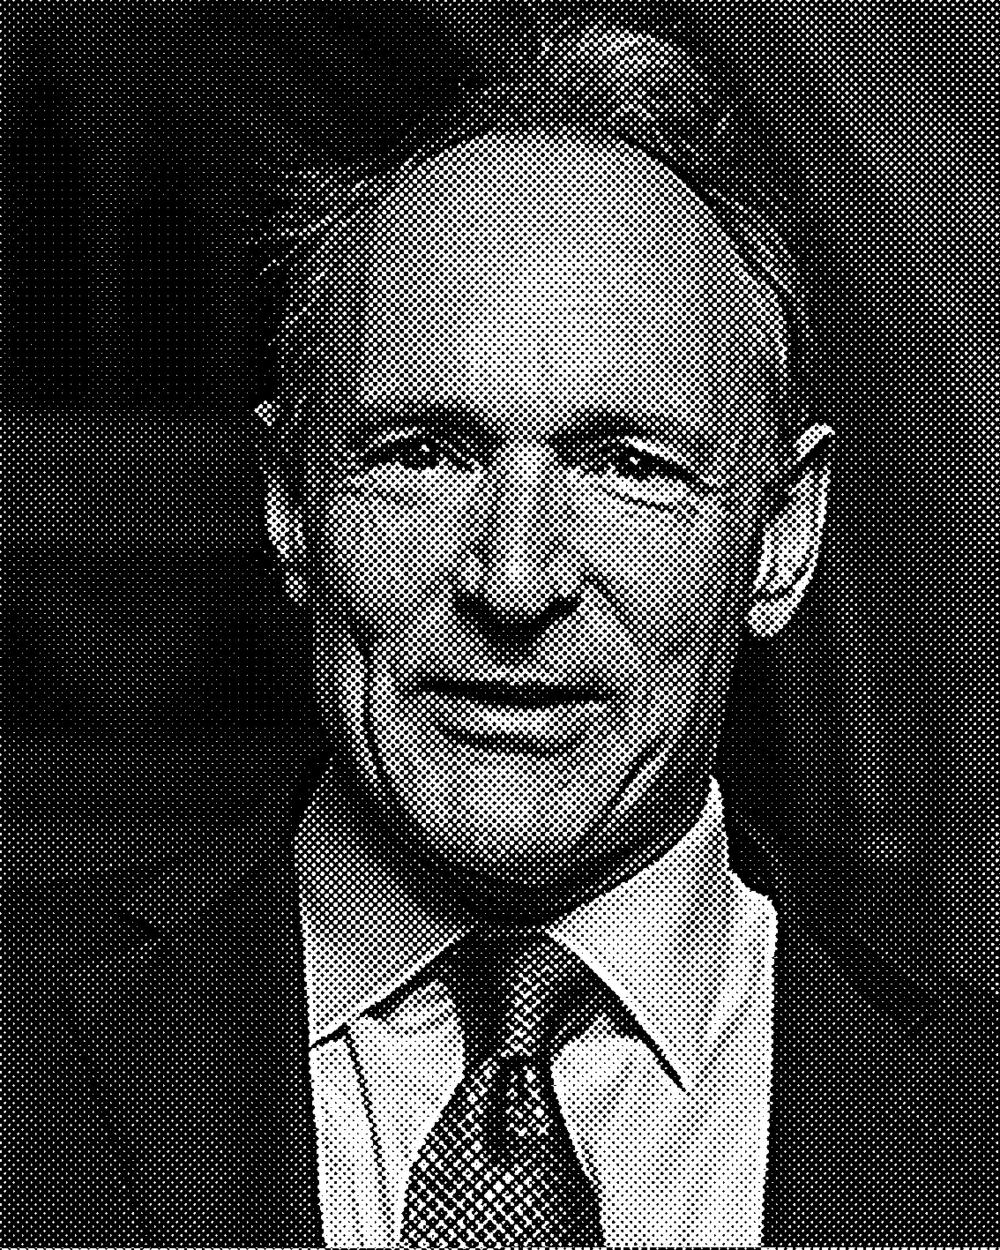 """Timothy """"Tim"""" John Berners-Lee ,  KBE  ( Londres ,  Reino Unido ,  8 de junio  de  1955 ) es un científico de la computación británica, conocido por ser el padre de la  World Wide Web . Estableció la primera comunicación entre un cliente y un servidor usando el protocolo  HTTP  en noviembre de 1989. En octubre de 1994 fundó el Consorcio de la World Wide Web ( W3C ) con sede en el  MIT , para supervisar y estandarizar el desarrollo de las tecnologías sobre las que se fundamenta  la Web  y que permiten el funcionamiento de  Internet ."""